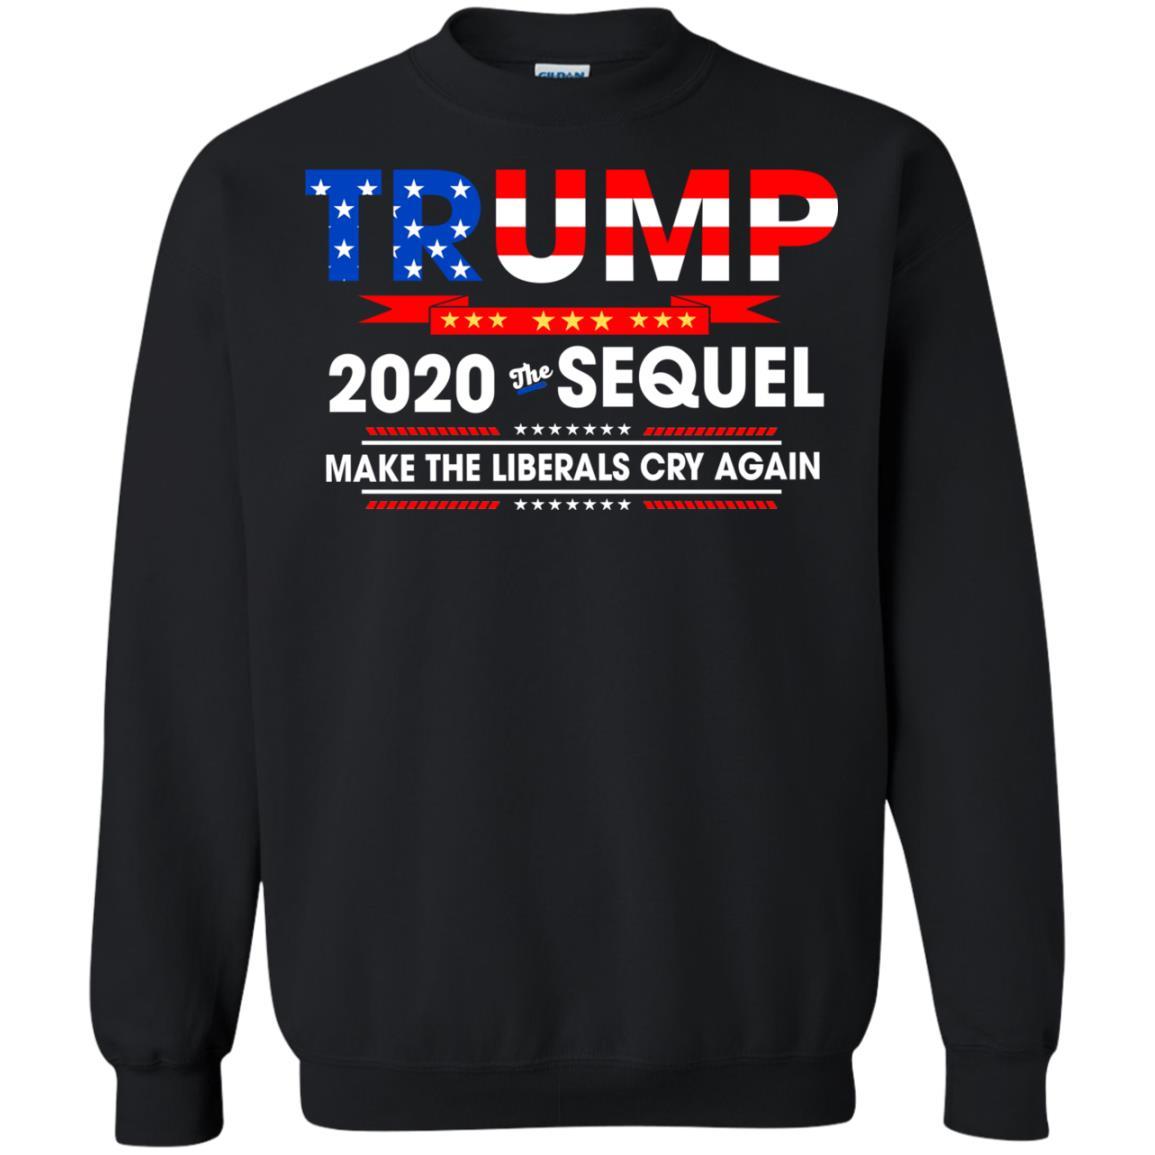 918e1fed Trump 2020 The Sequel Make The Liberals Cry Again Shirt